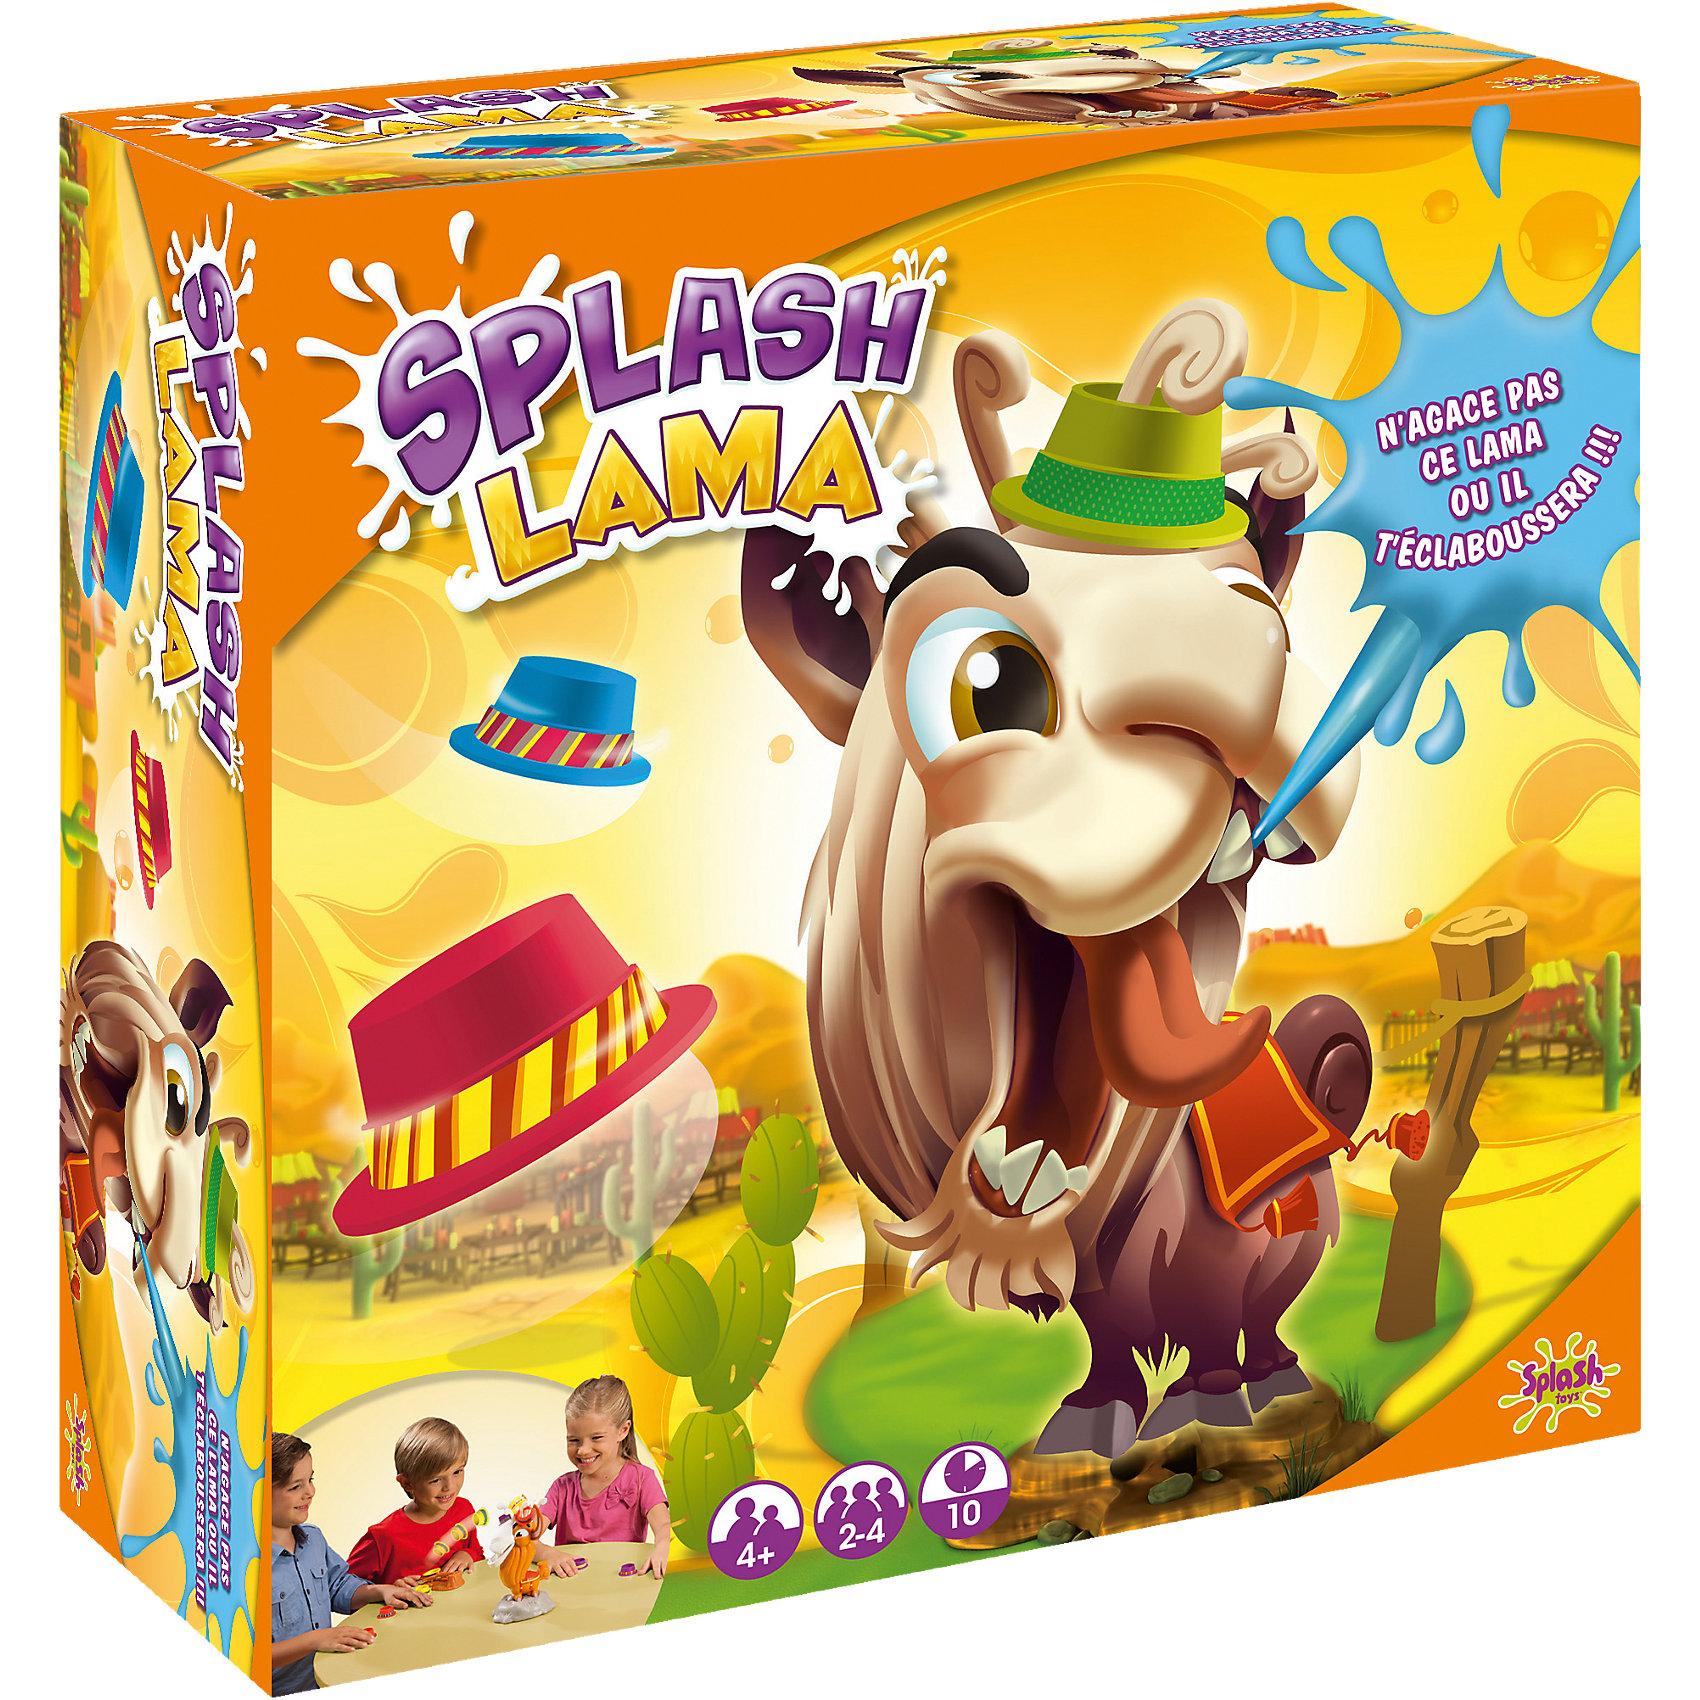 Игра Хитрая Лама, Splash ToysХитрая Лама любит шляпы, скорее кидай их ей голову, но будь осторожен: если ты попадешь в нос или ухо, лама обидится и обольет тебя водой! Все детали выполнены из высококачественного гипоаллергенного пластика. Веселая игра надолго увлечет ребенка и поможет развить ему внимание, скорость реакции и меткость. <br><br>Дополнительная информация:<br><br>- Материал: пластик.<br>- Размер: 27х12х27 см.<br>- Комплектация: 1 электронная лама, 12 шляп : 3 красных, 3 жёлтых, 3 зелёных и 3 фиолетовых, 1 катапульта, 1 лист с наклейками, 1 воронка.<br>- Элемент питания: 3 AAA батарейки (не входят в комплект).<br><br>Игру Хитрая Лама, Splash Toys, можно купить в нашем магазине.<br><br>Ширина мм: 279<br>Глубина мм: 279<br>Высота мм: 126<br>Вес г: 609<br>Возраст от месяцев: 48<br>Возраст до месяцев: 84<br>Пол: Унисекс<br>Возраст: Детский<br>SKU: 4050205